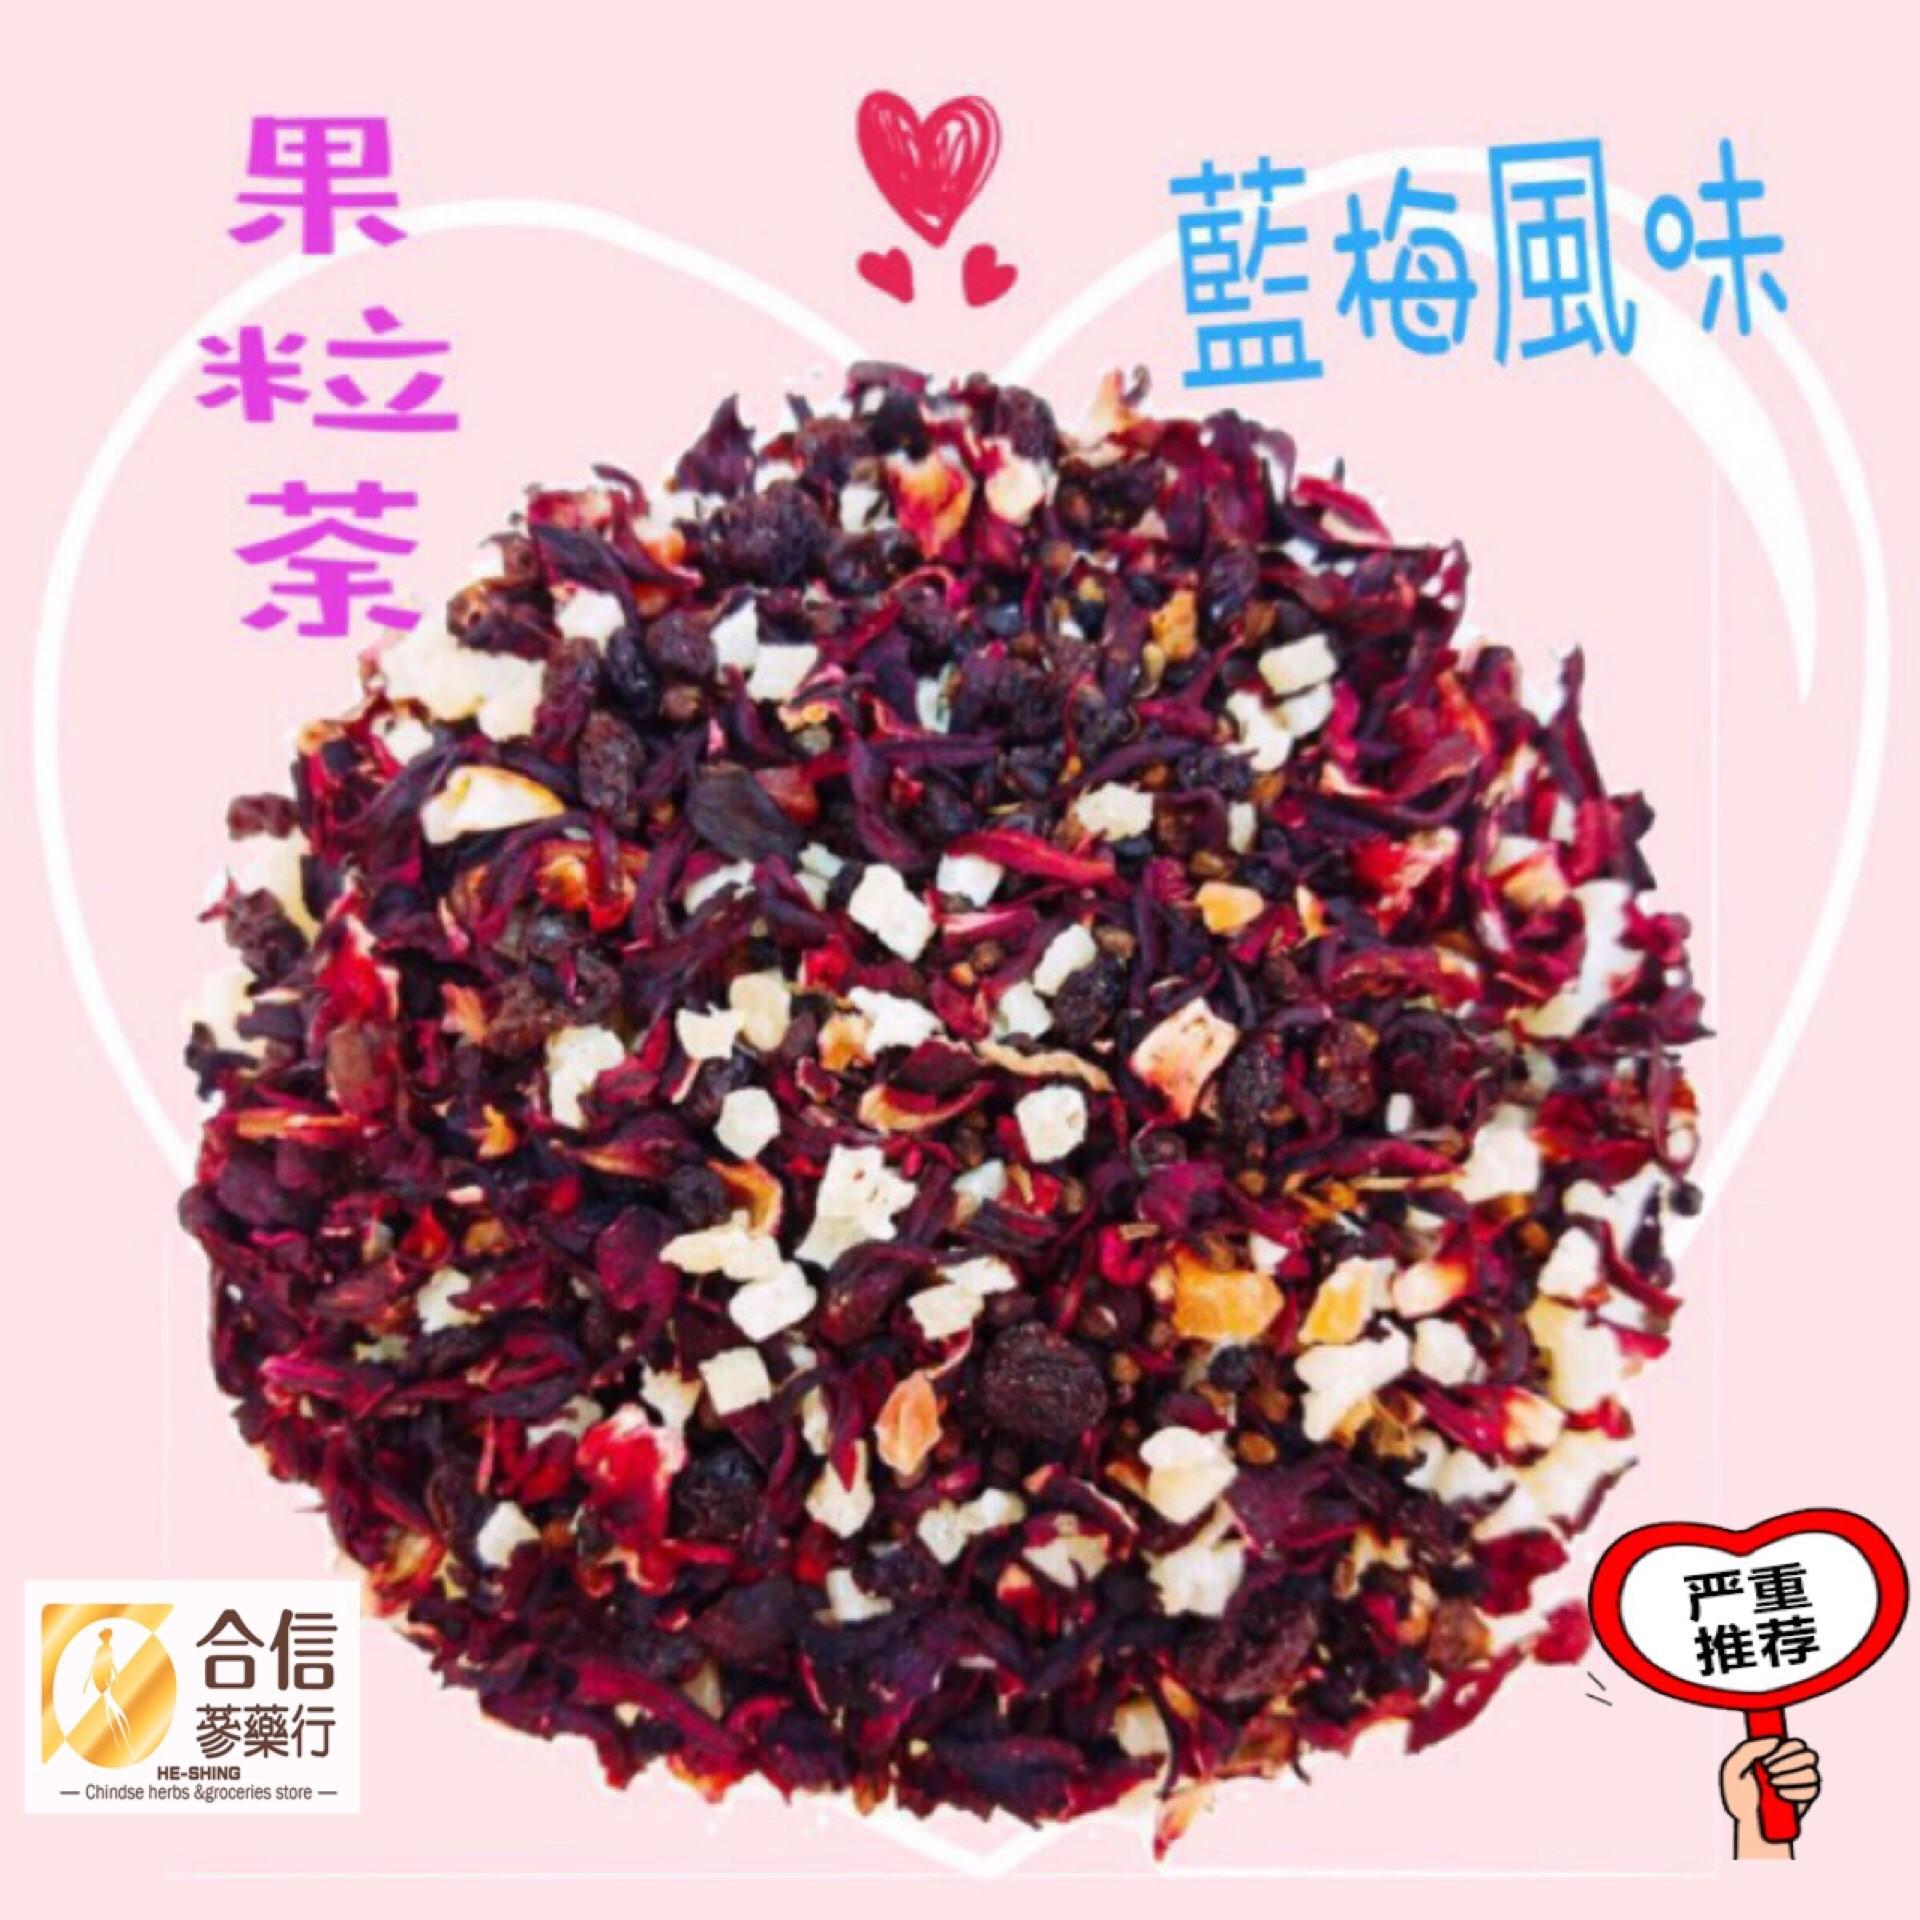 【藍莓水果茶】300g/氣味芬香 酸酸甜甜